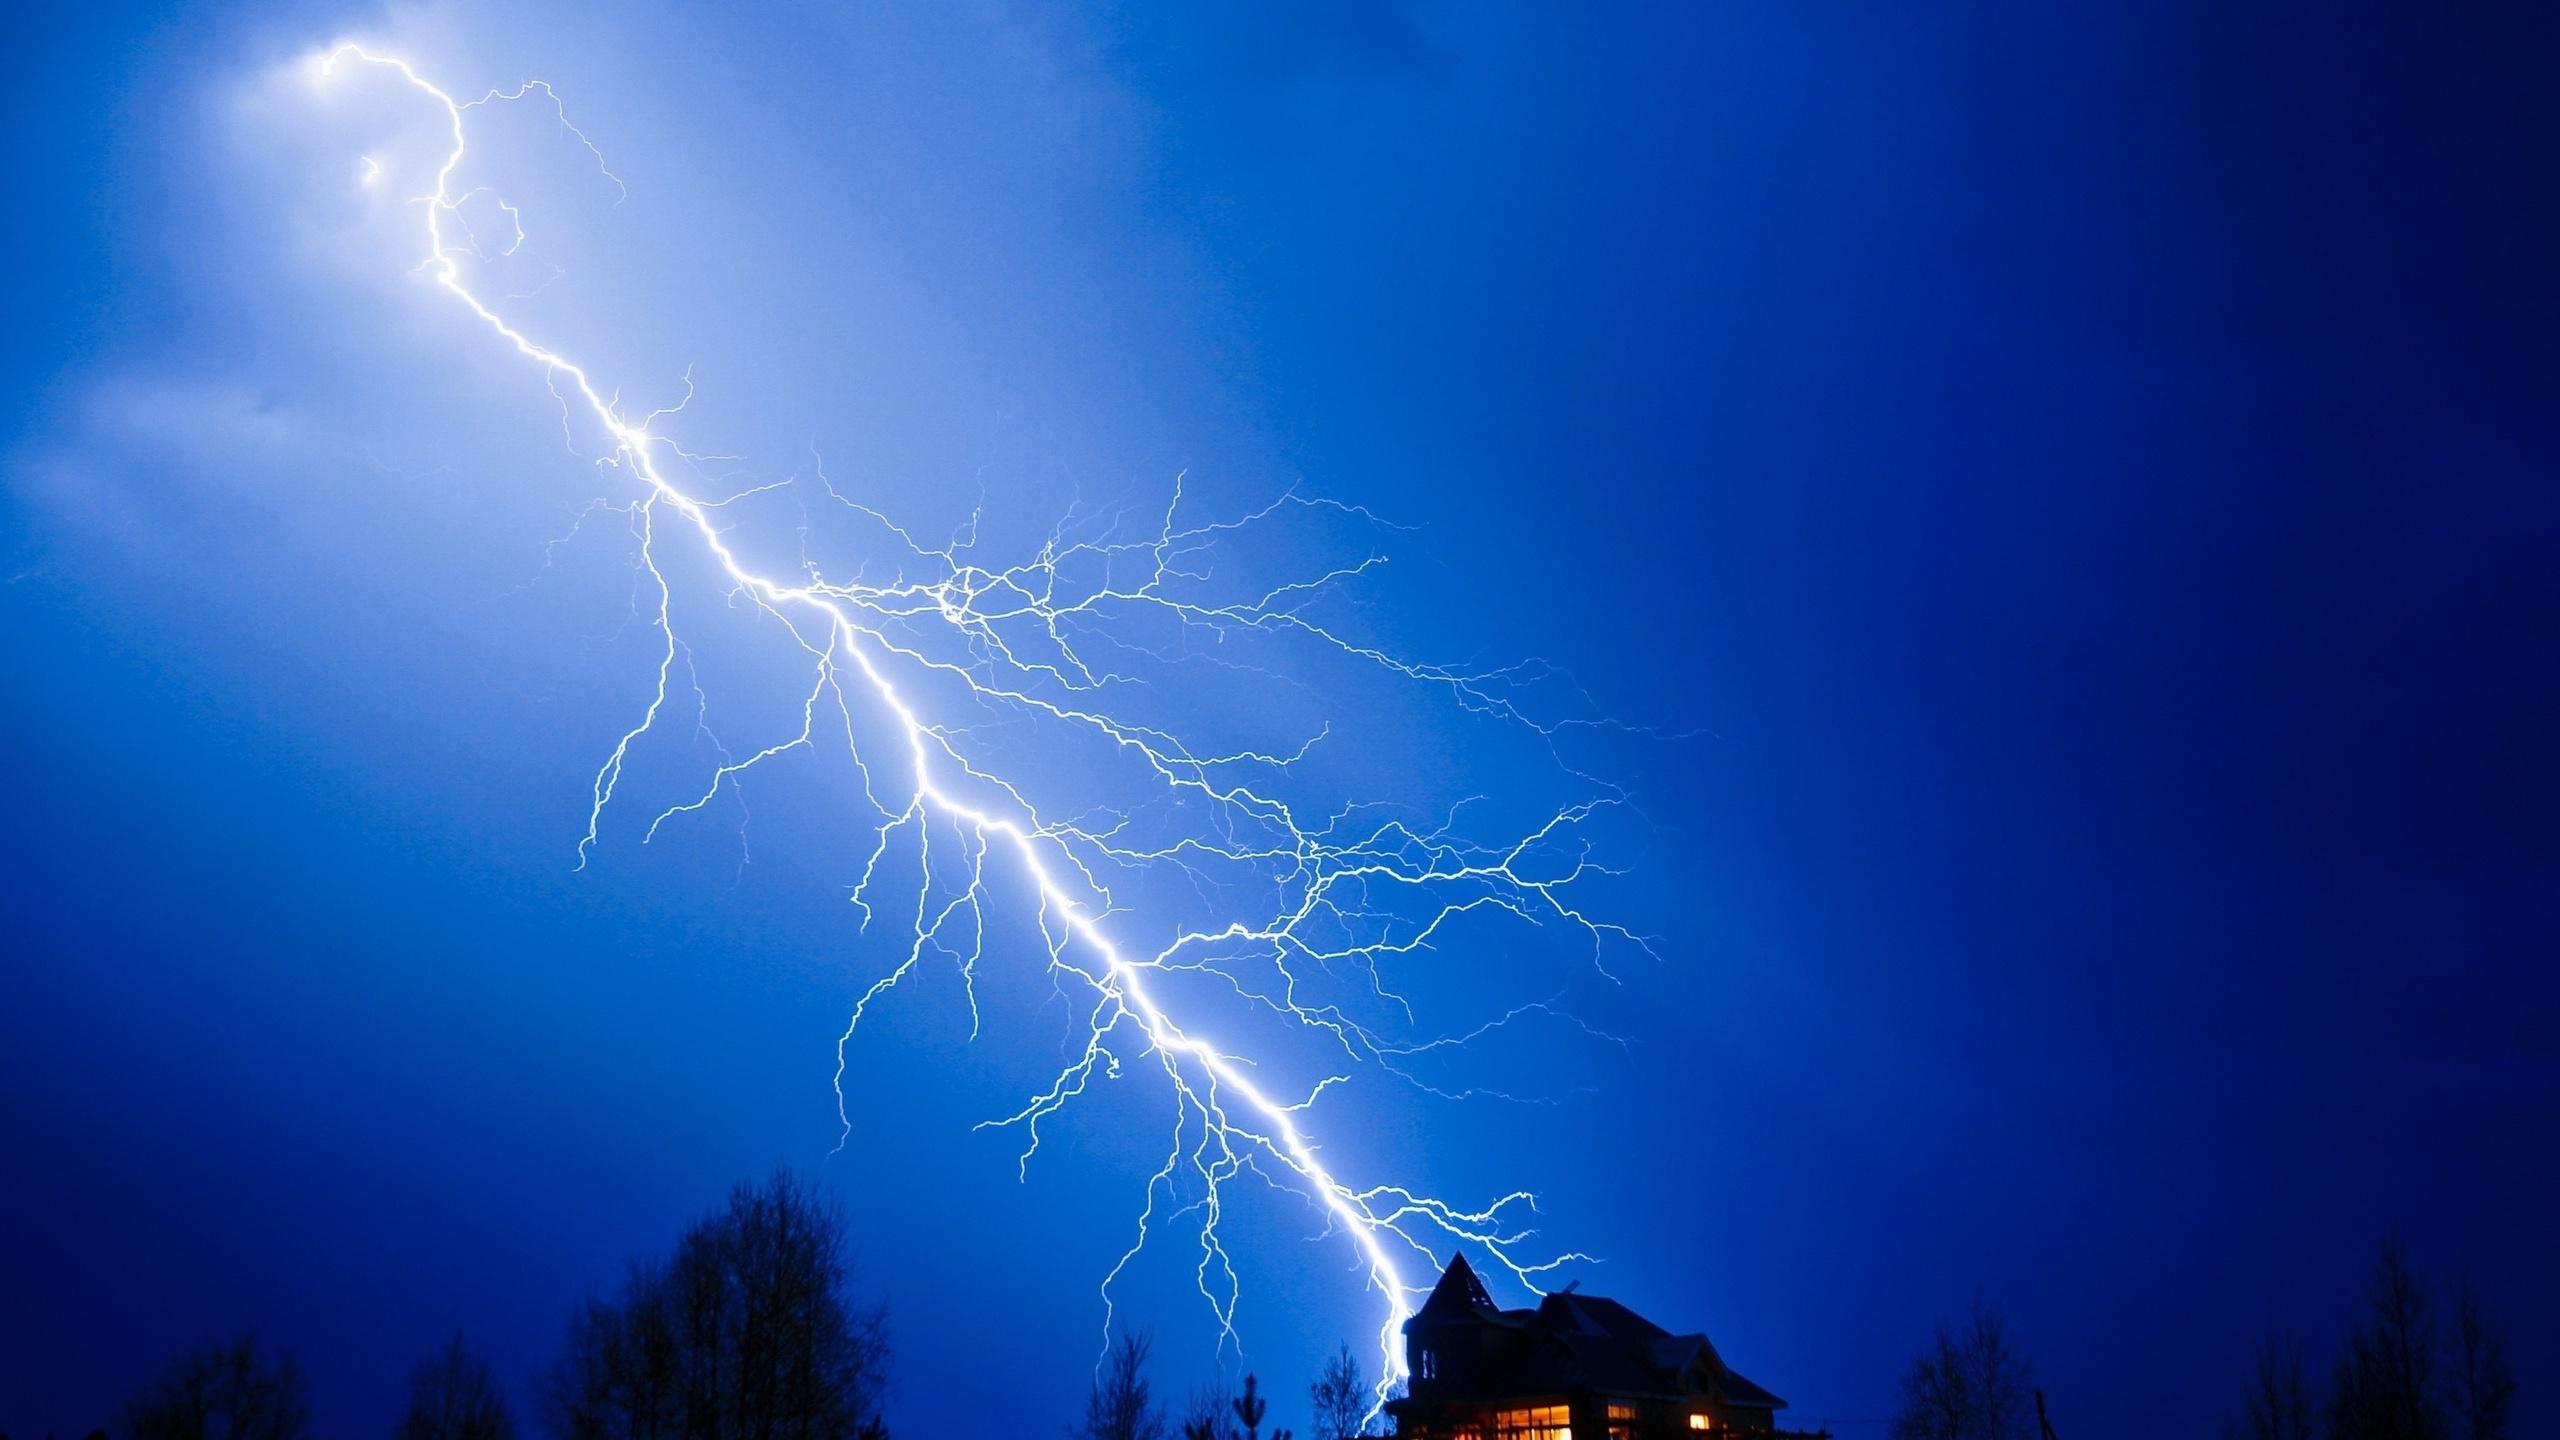 огромный картинки молнии и грозы на телефон межкомнатных